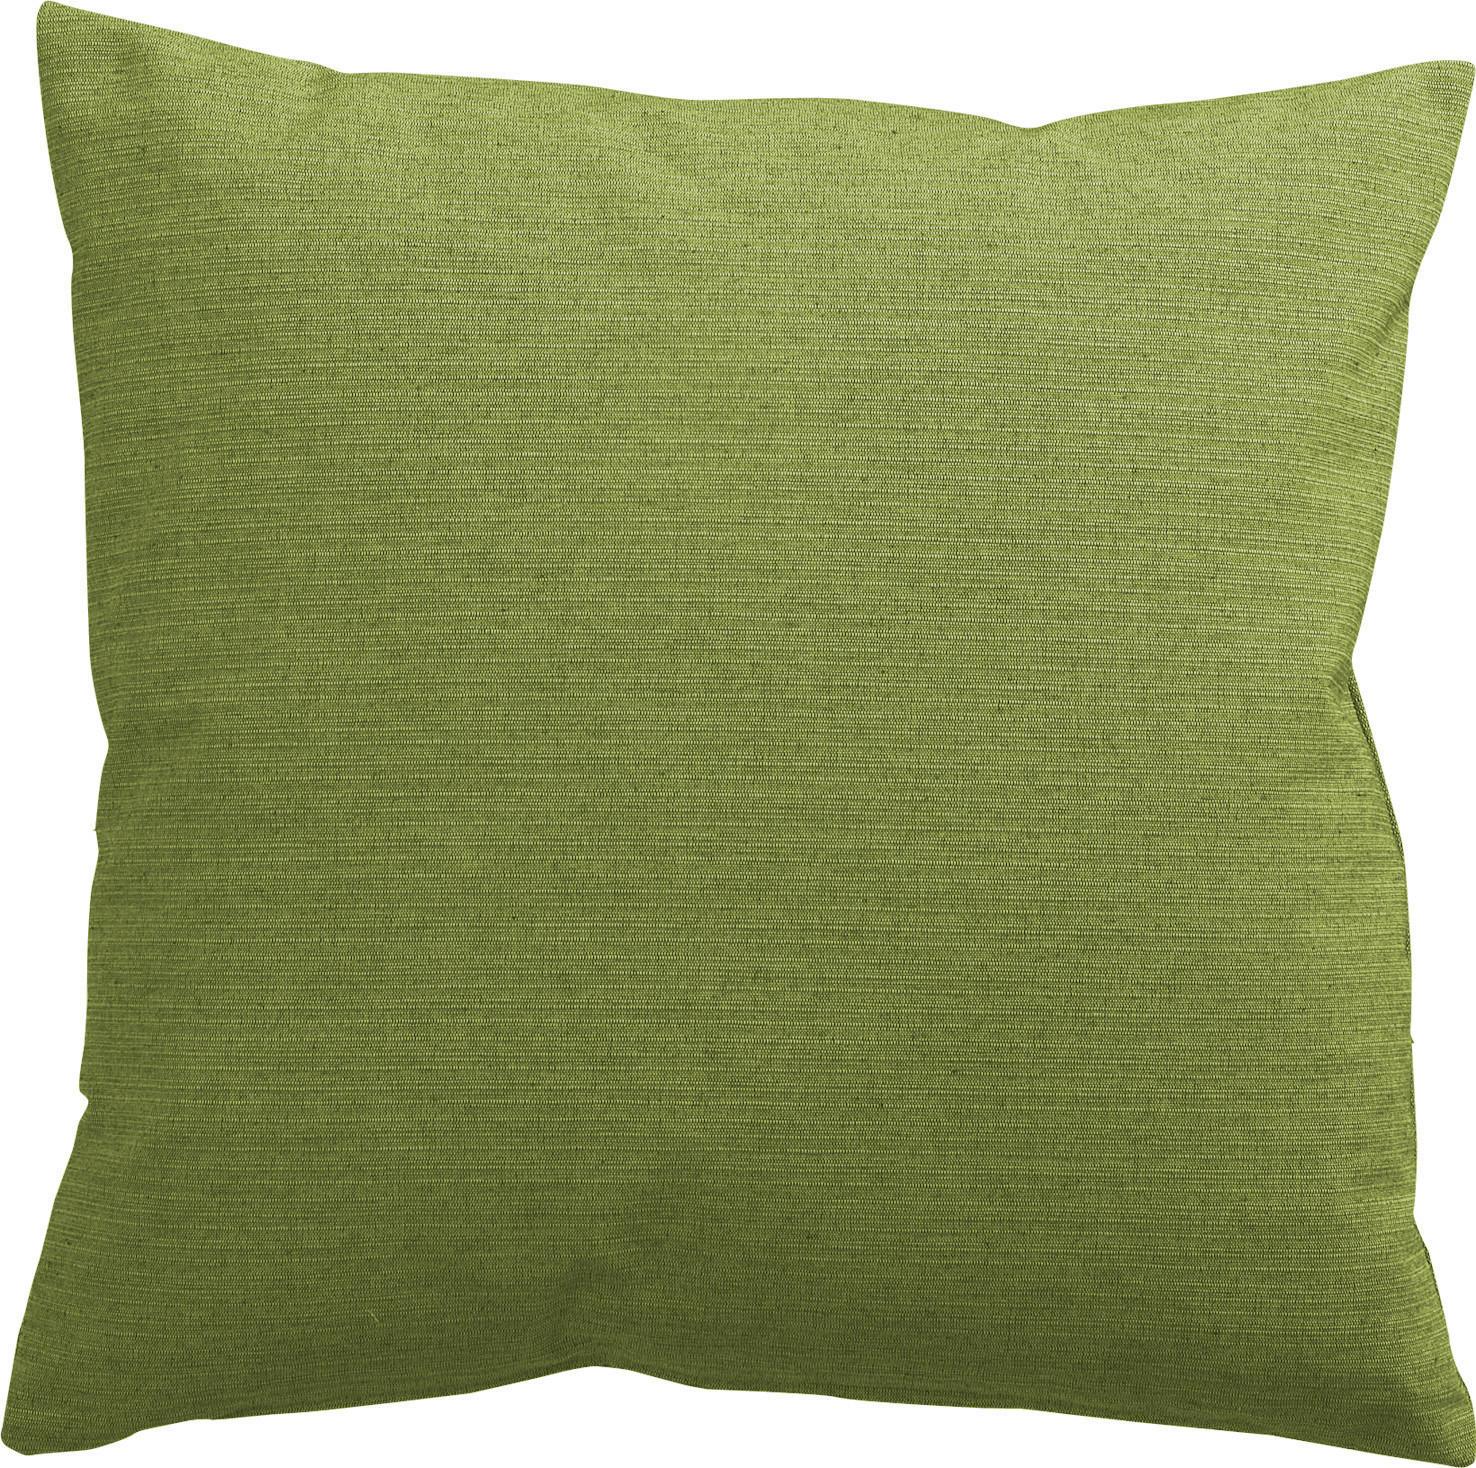 BODENKISSEN Grün 70/70 cm - Grün, Basics, Textil (70/70cm) - NOVEL